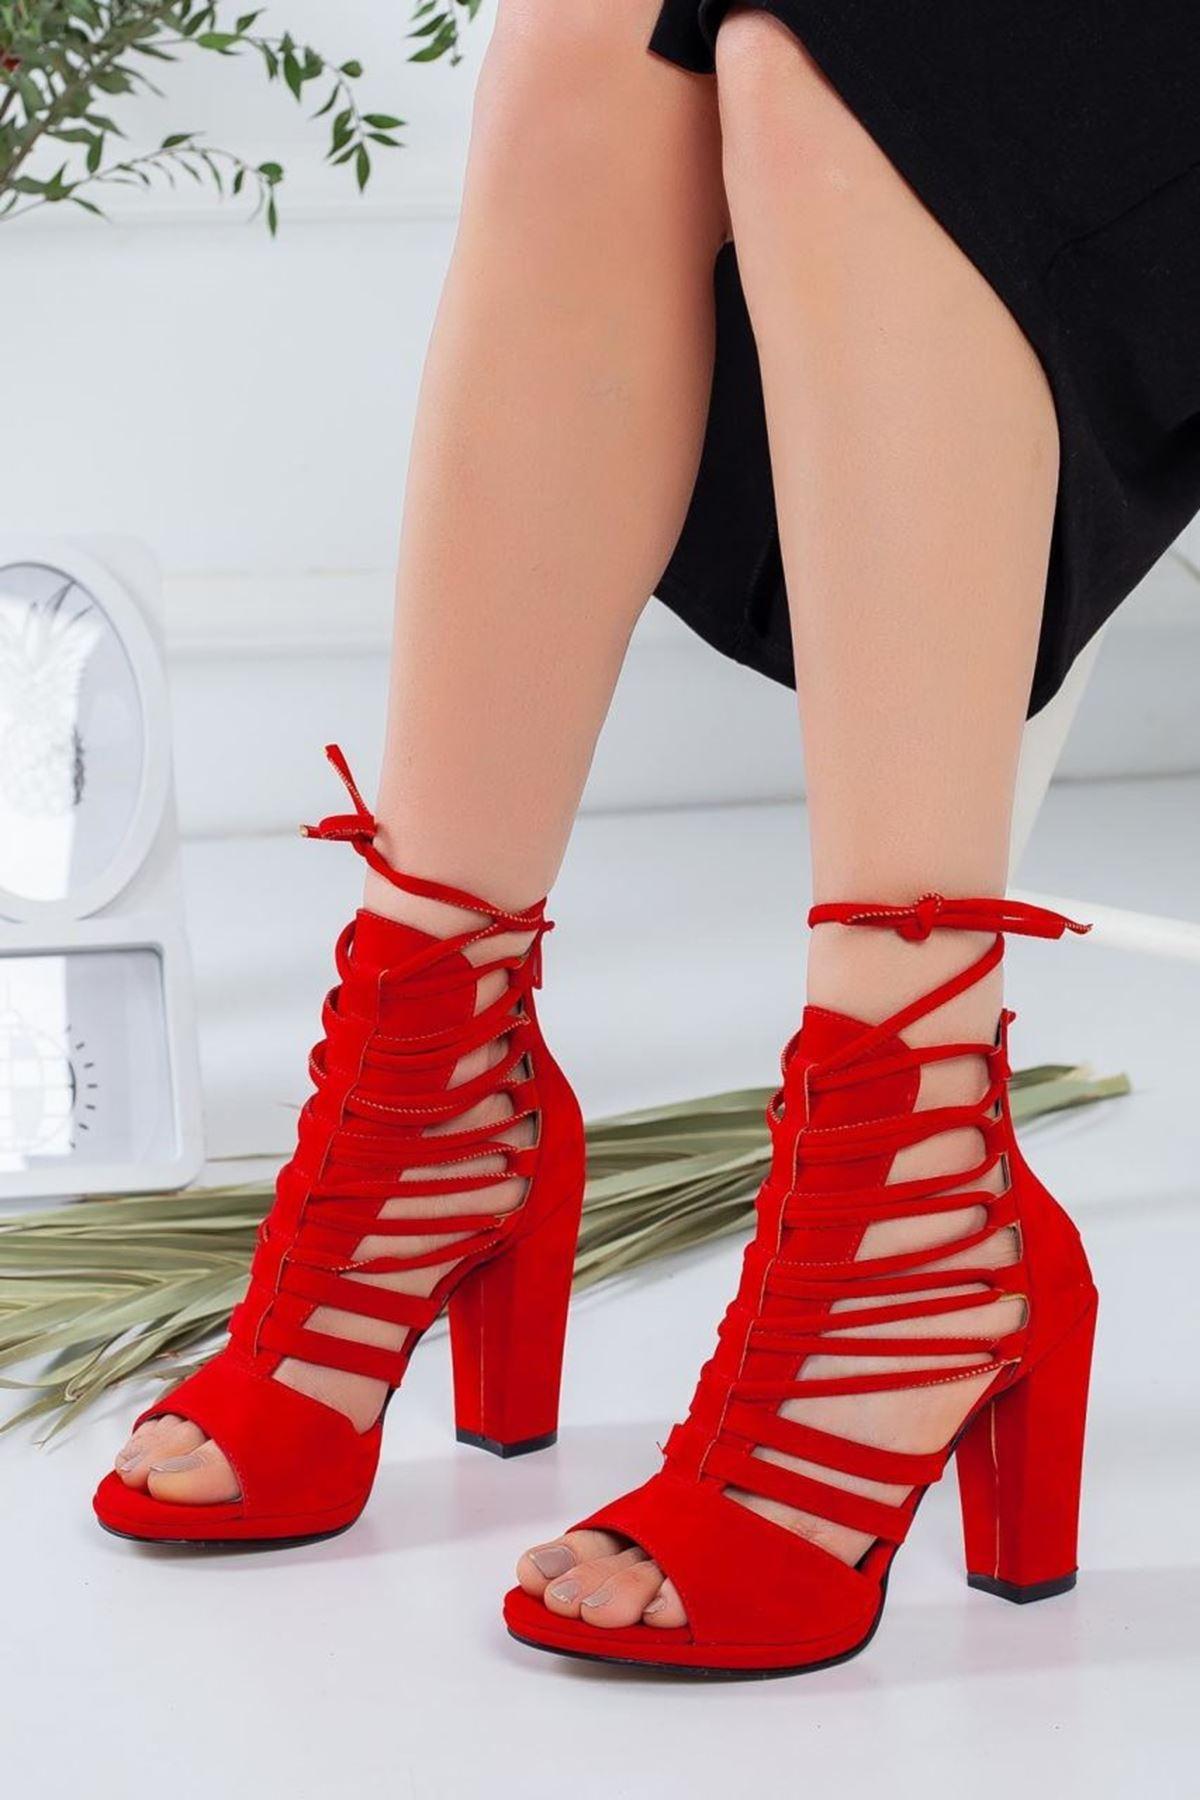 Kadın Brige Kırmızı Topuklu Ayakkabı